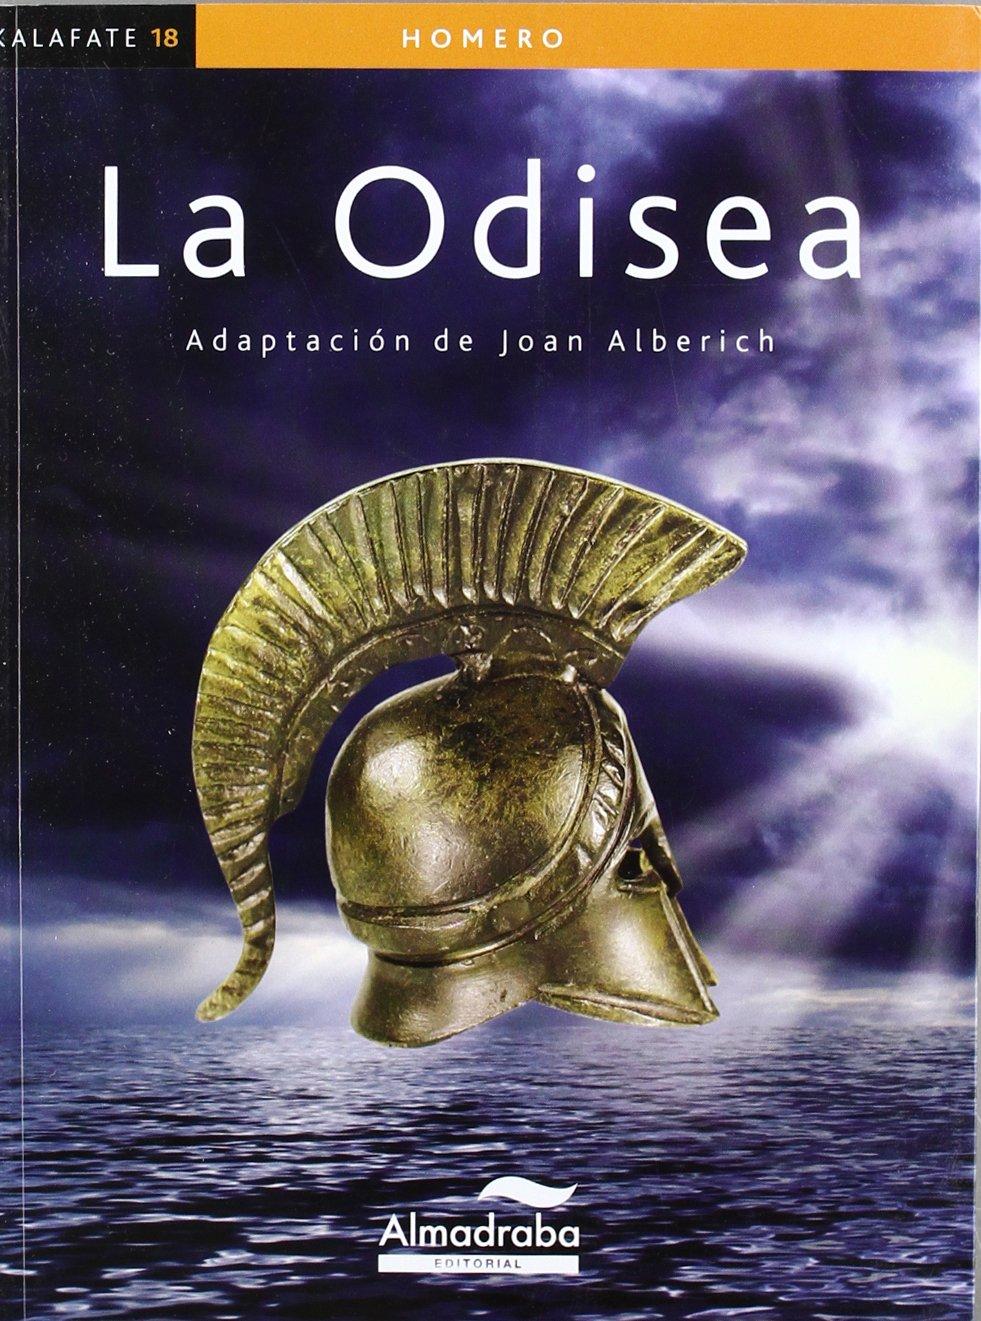 Odisea, La (kalafate) (Colección Kalafate): Amazon.es: Homero, Bosch, J., Alberich Mariné, Joan, Alberich, Joan: Libros